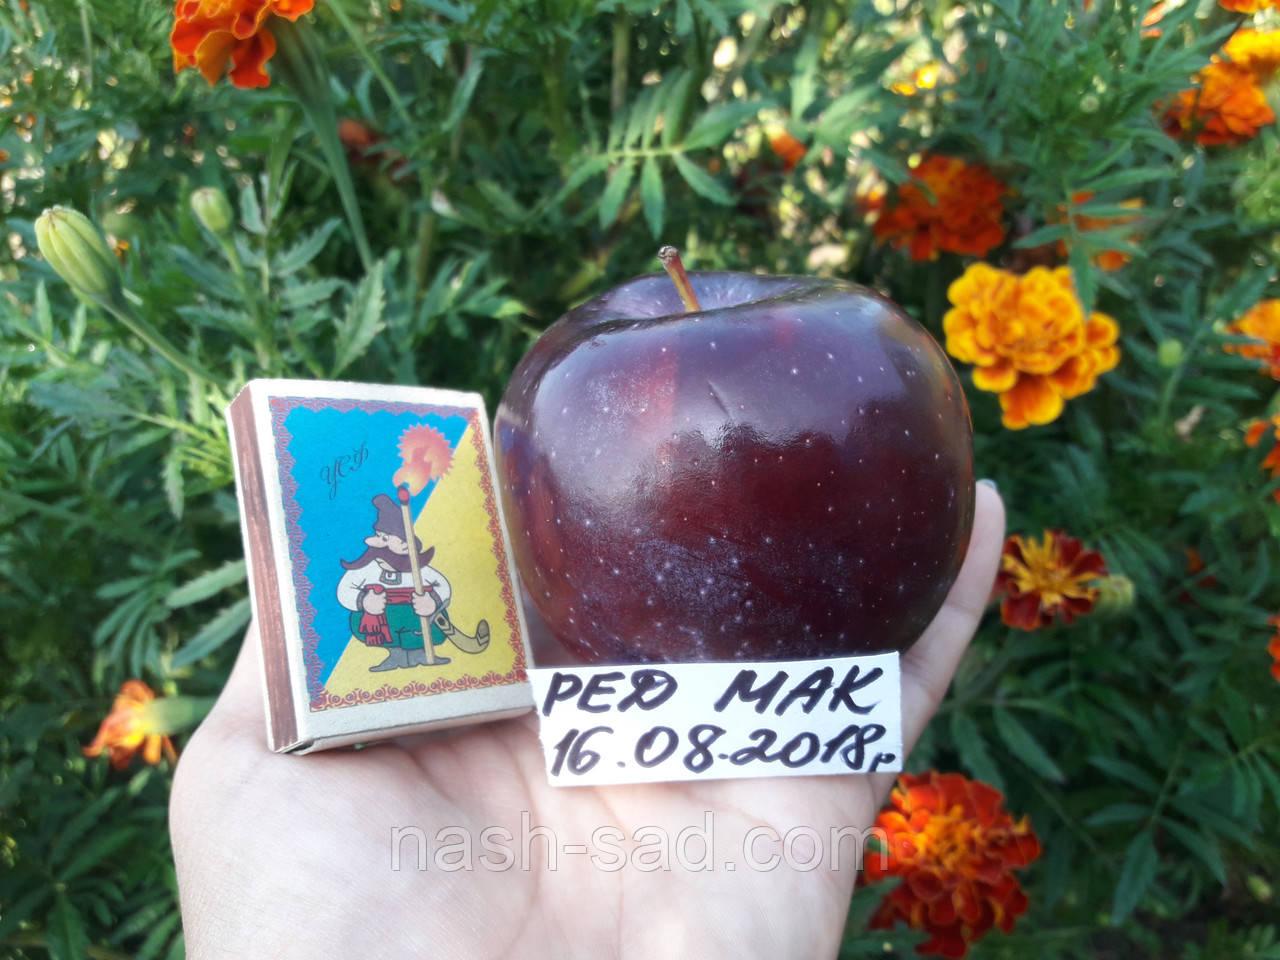 Саженцы яблони Ред Мак ( США )